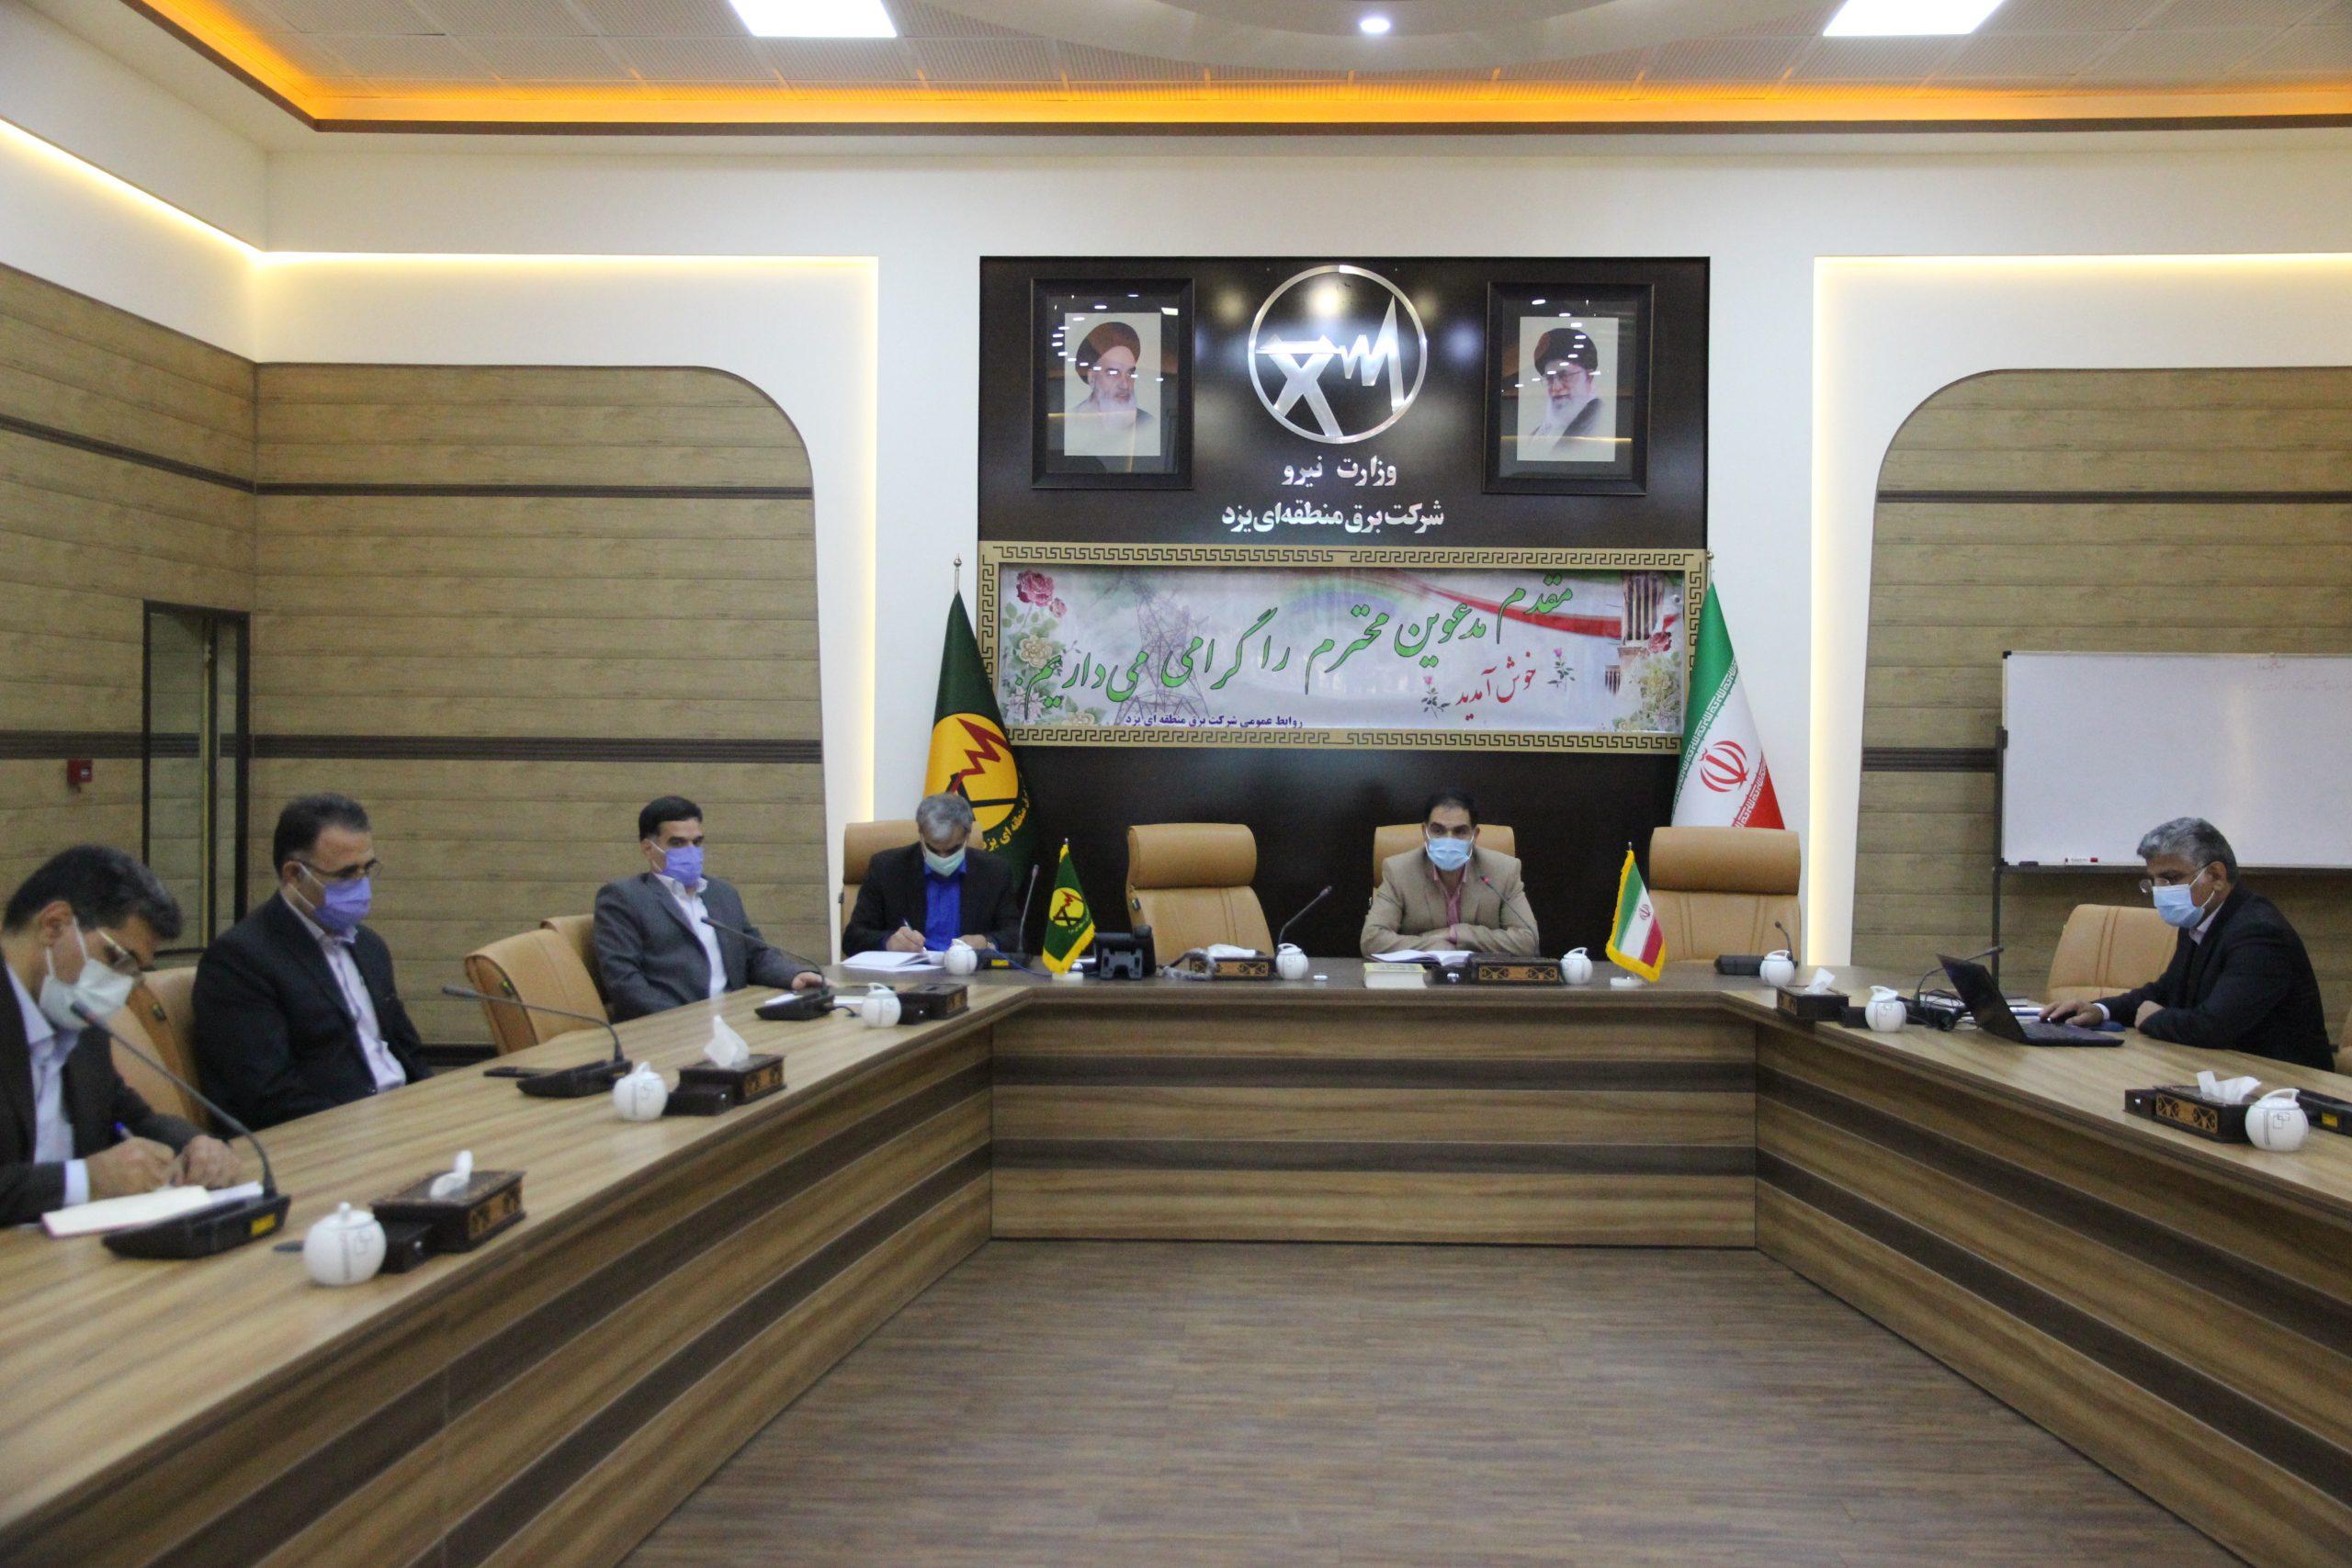 برگزاری نخستین جلسه شورای معاونین برق منطقهای یزد در سال ۱۴۰۰